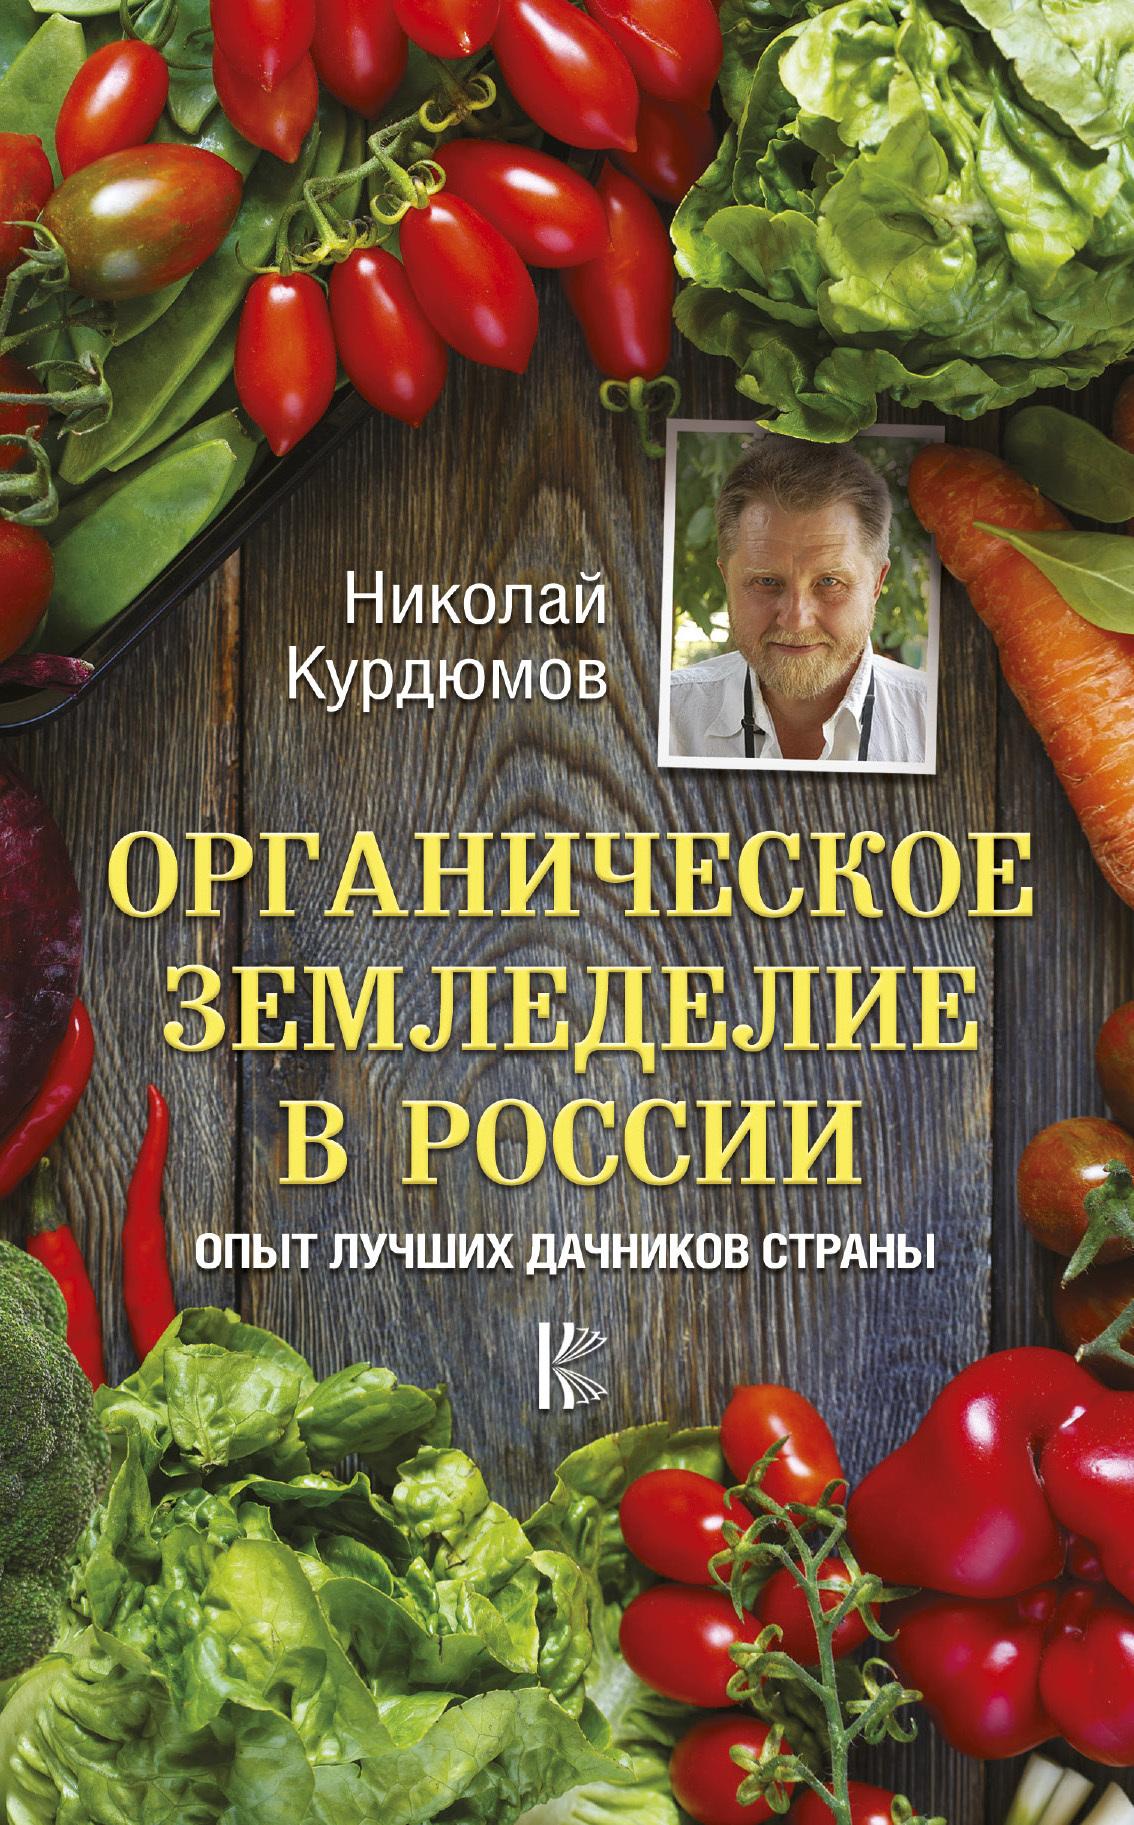 Николай Курдюмов. Органическое земледелие в России. Опыт лучших дачников страны